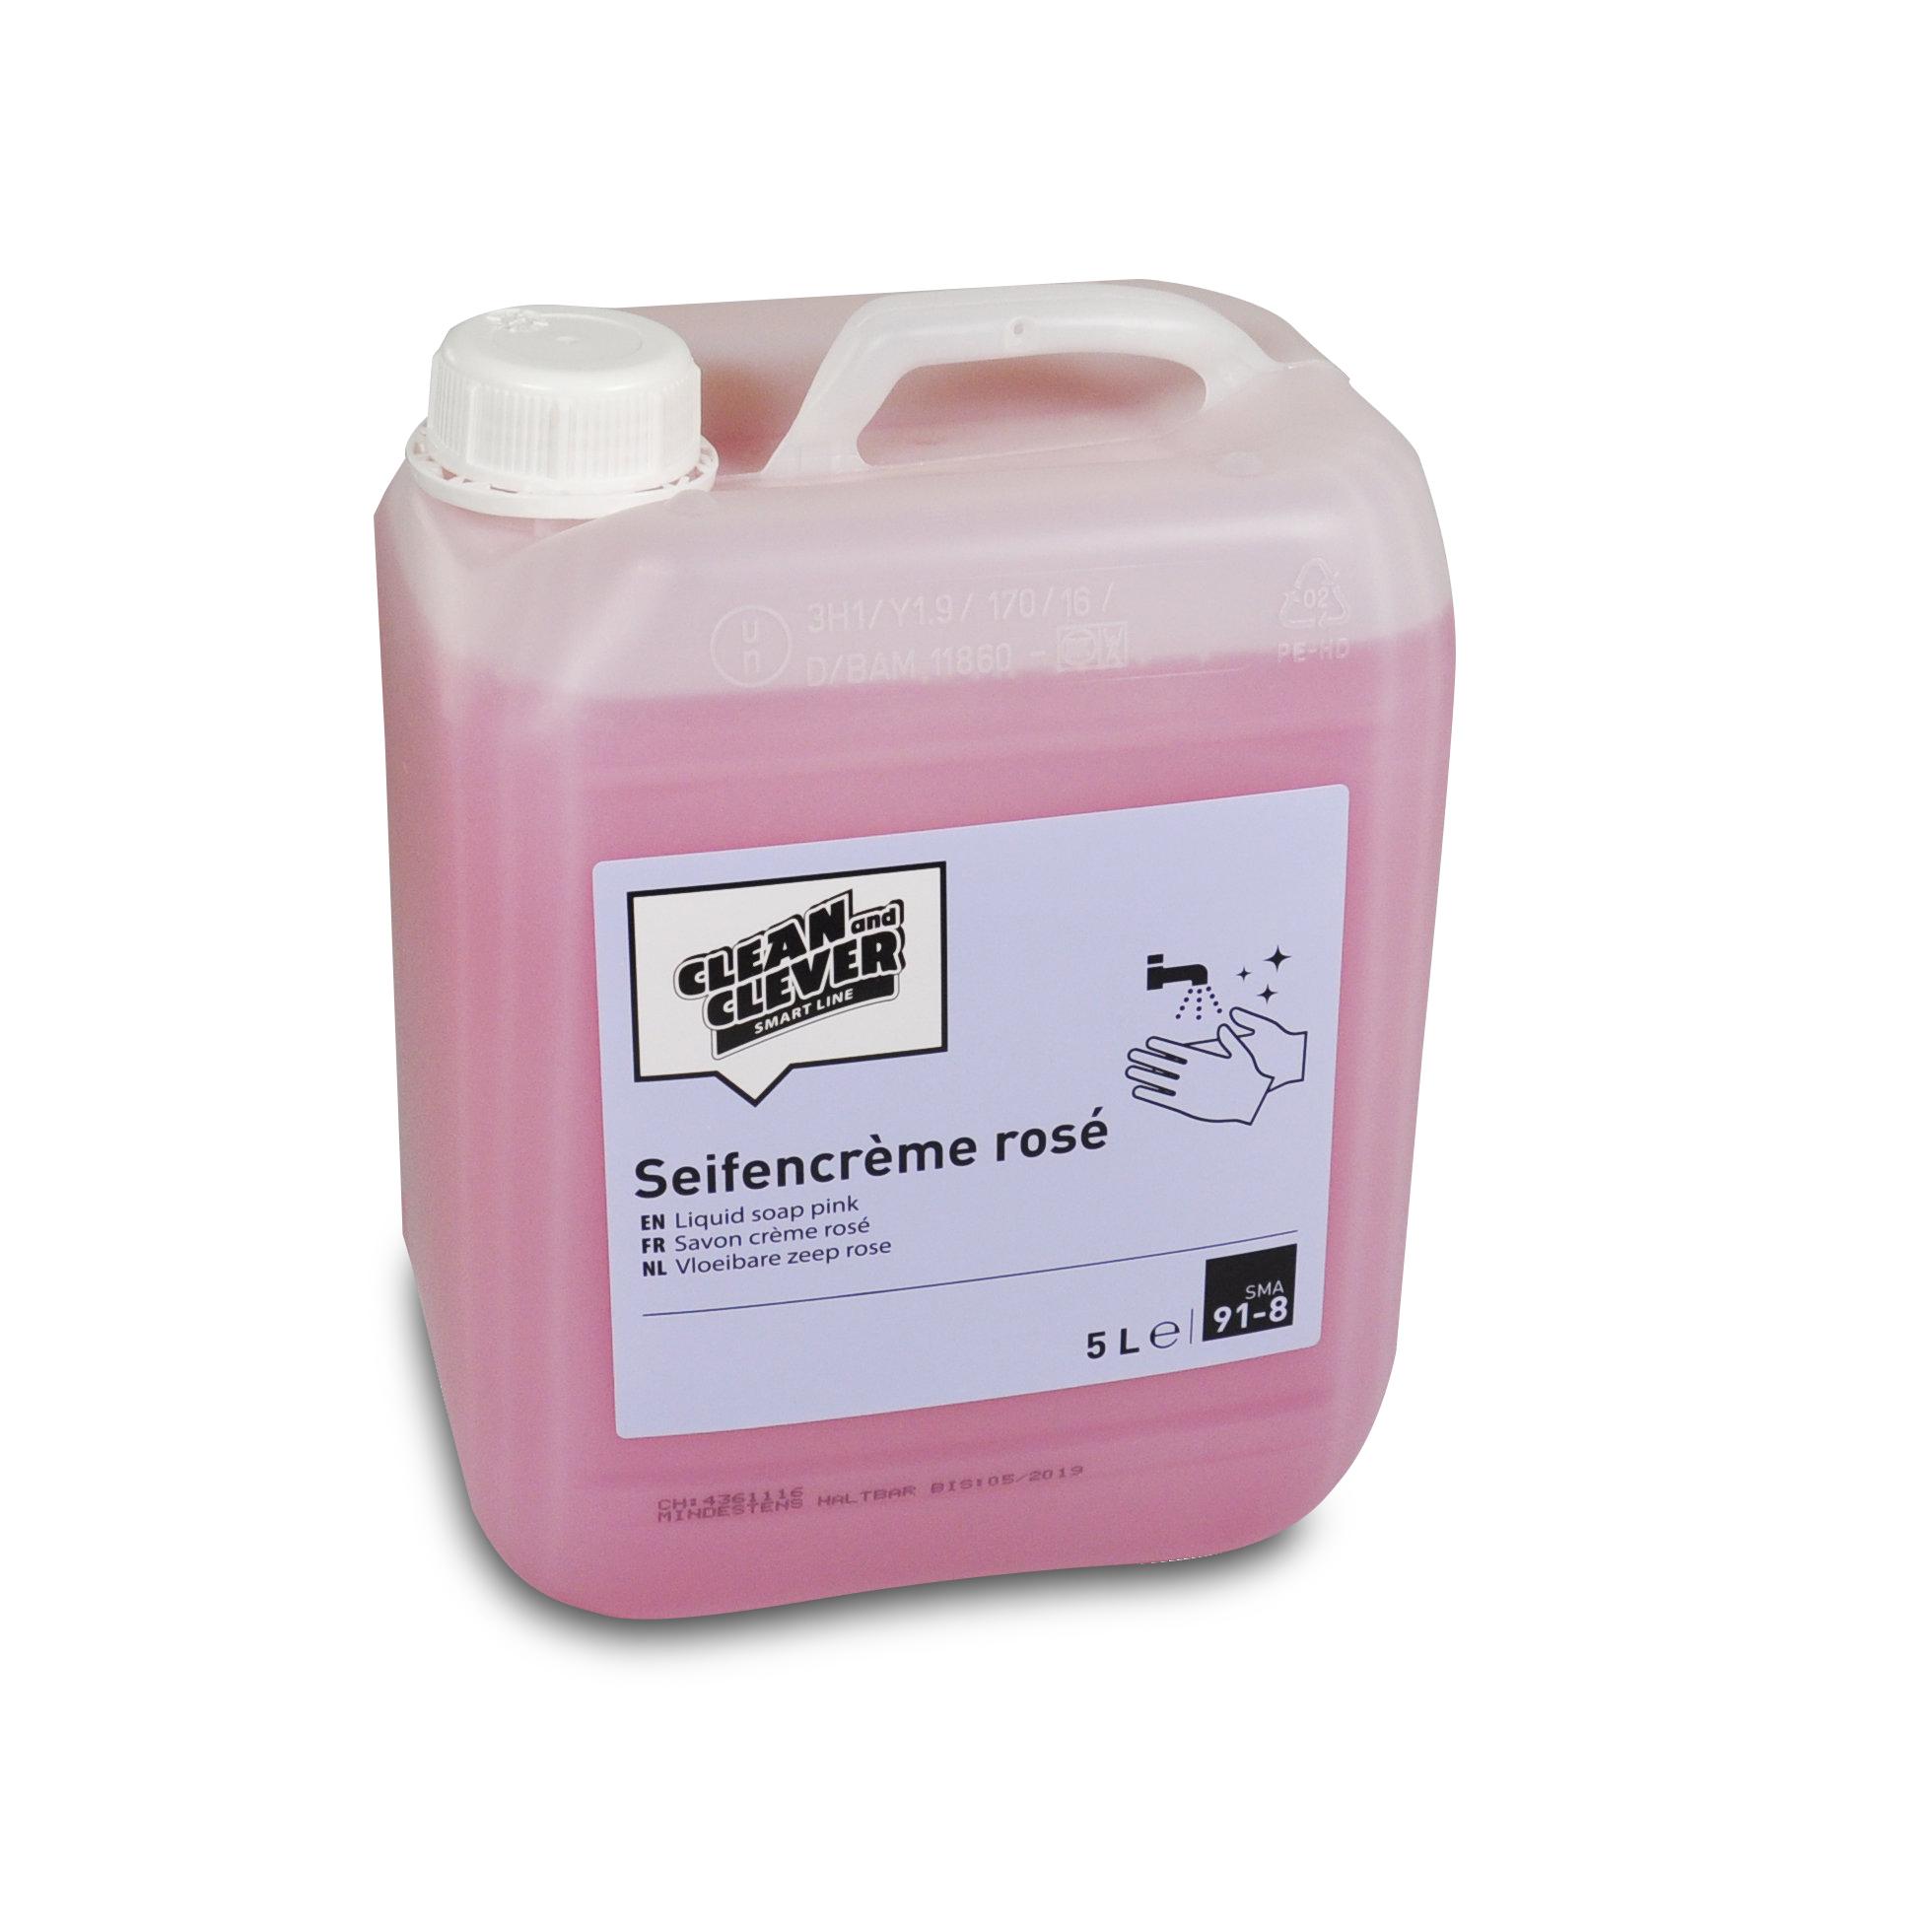 Sapone liquido Clean & Clever ECO91-8